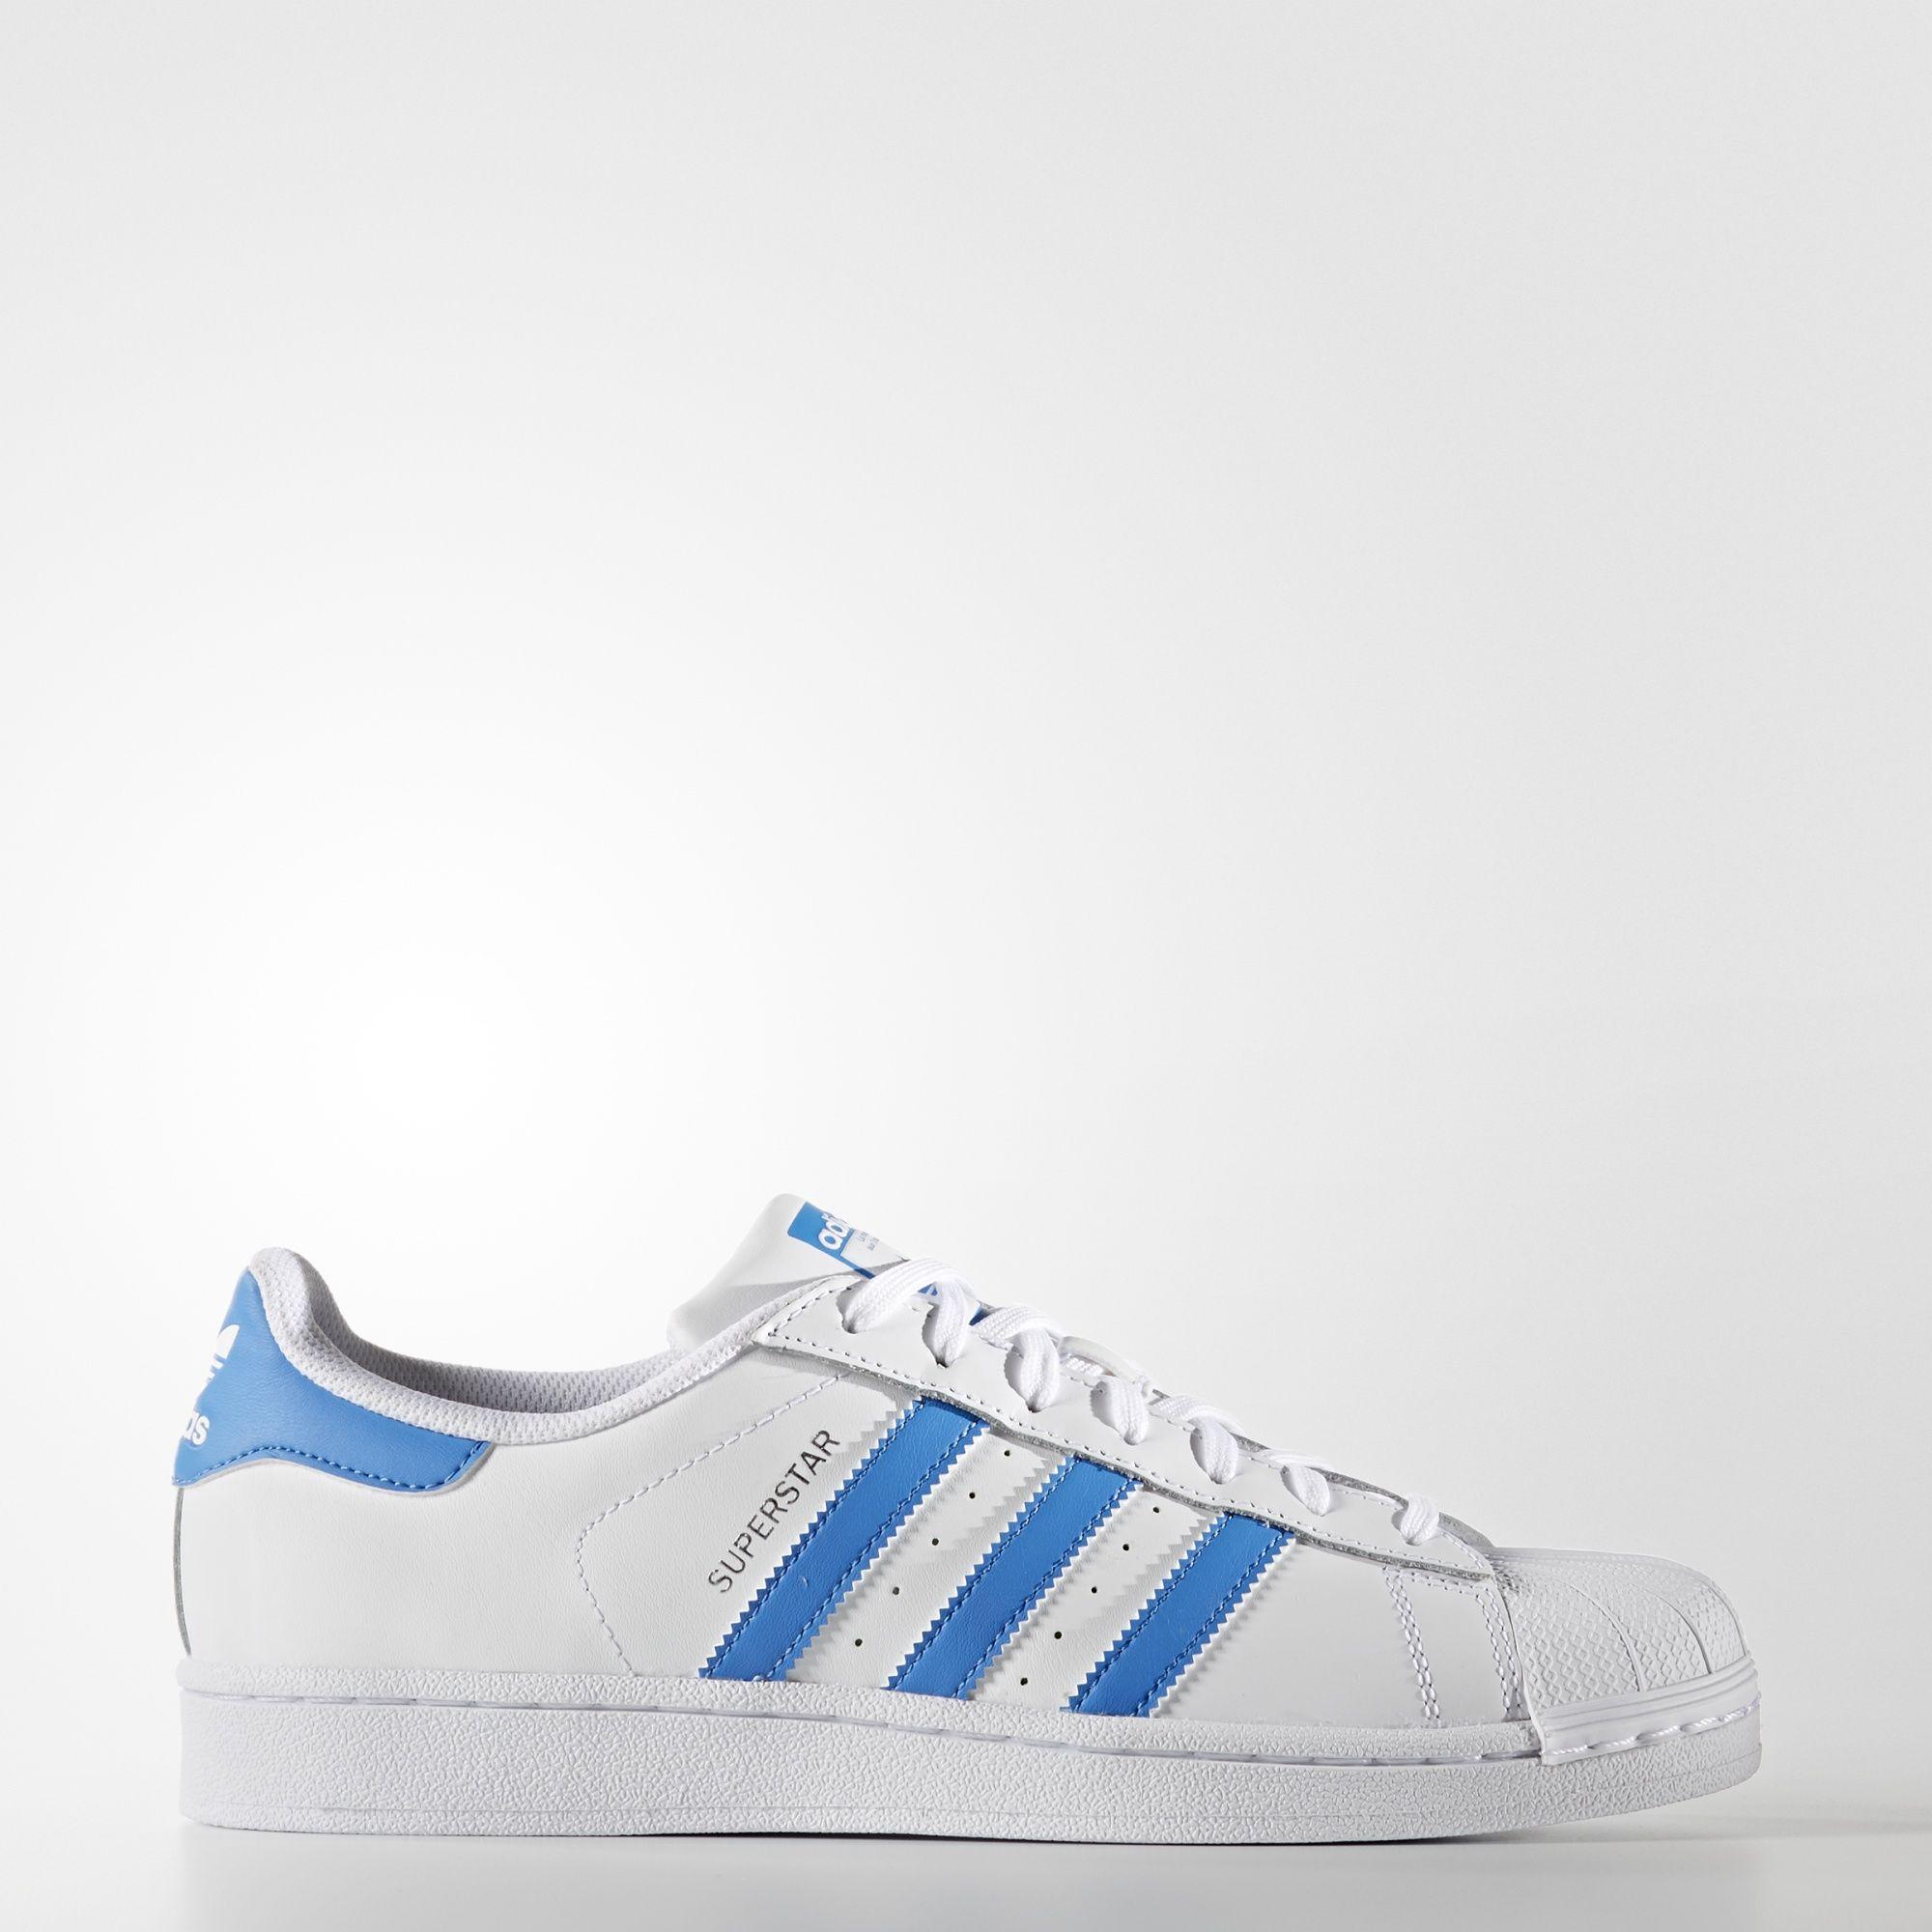 818d9d21046 Sneakers S75929 Zapatillas Adidas Superstar Blanco y Azul Hombre